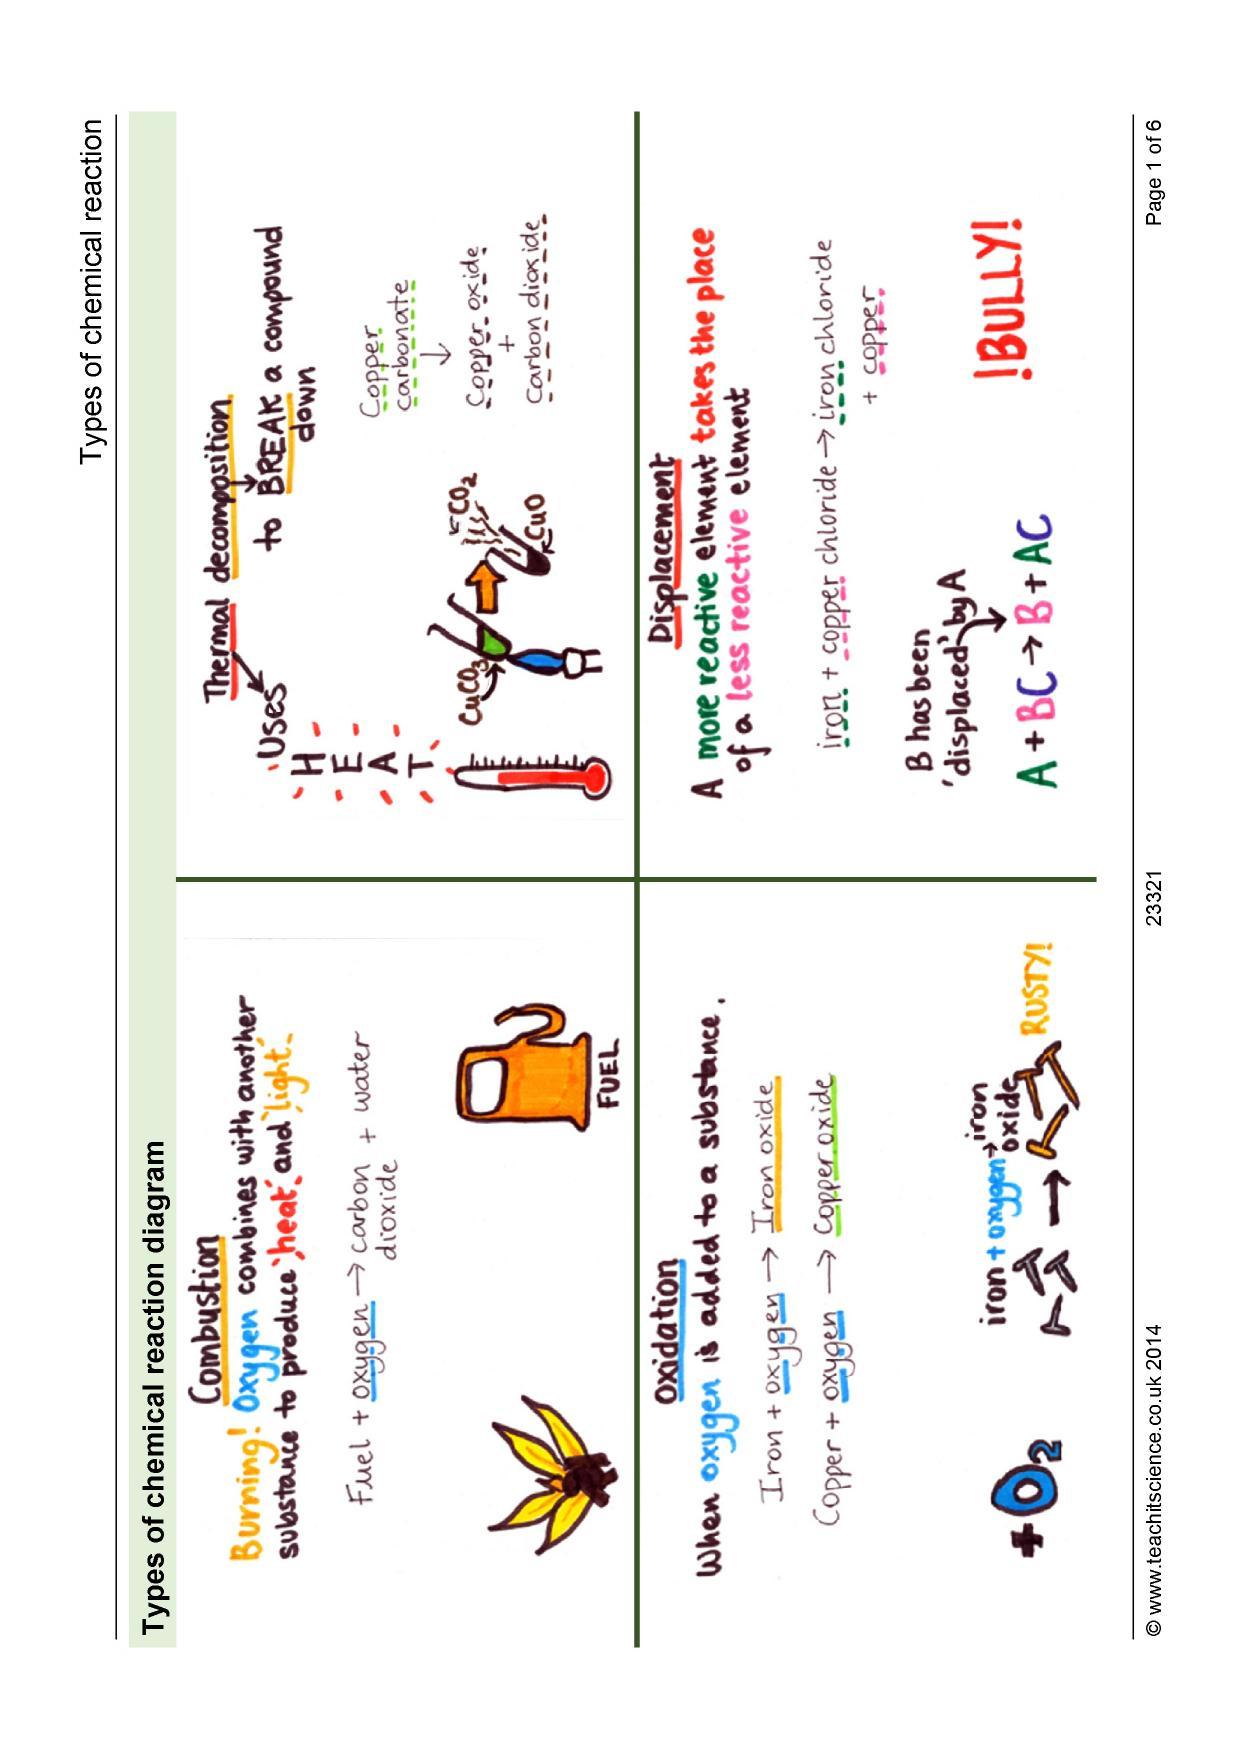 Ks3 Science Science Syllabus